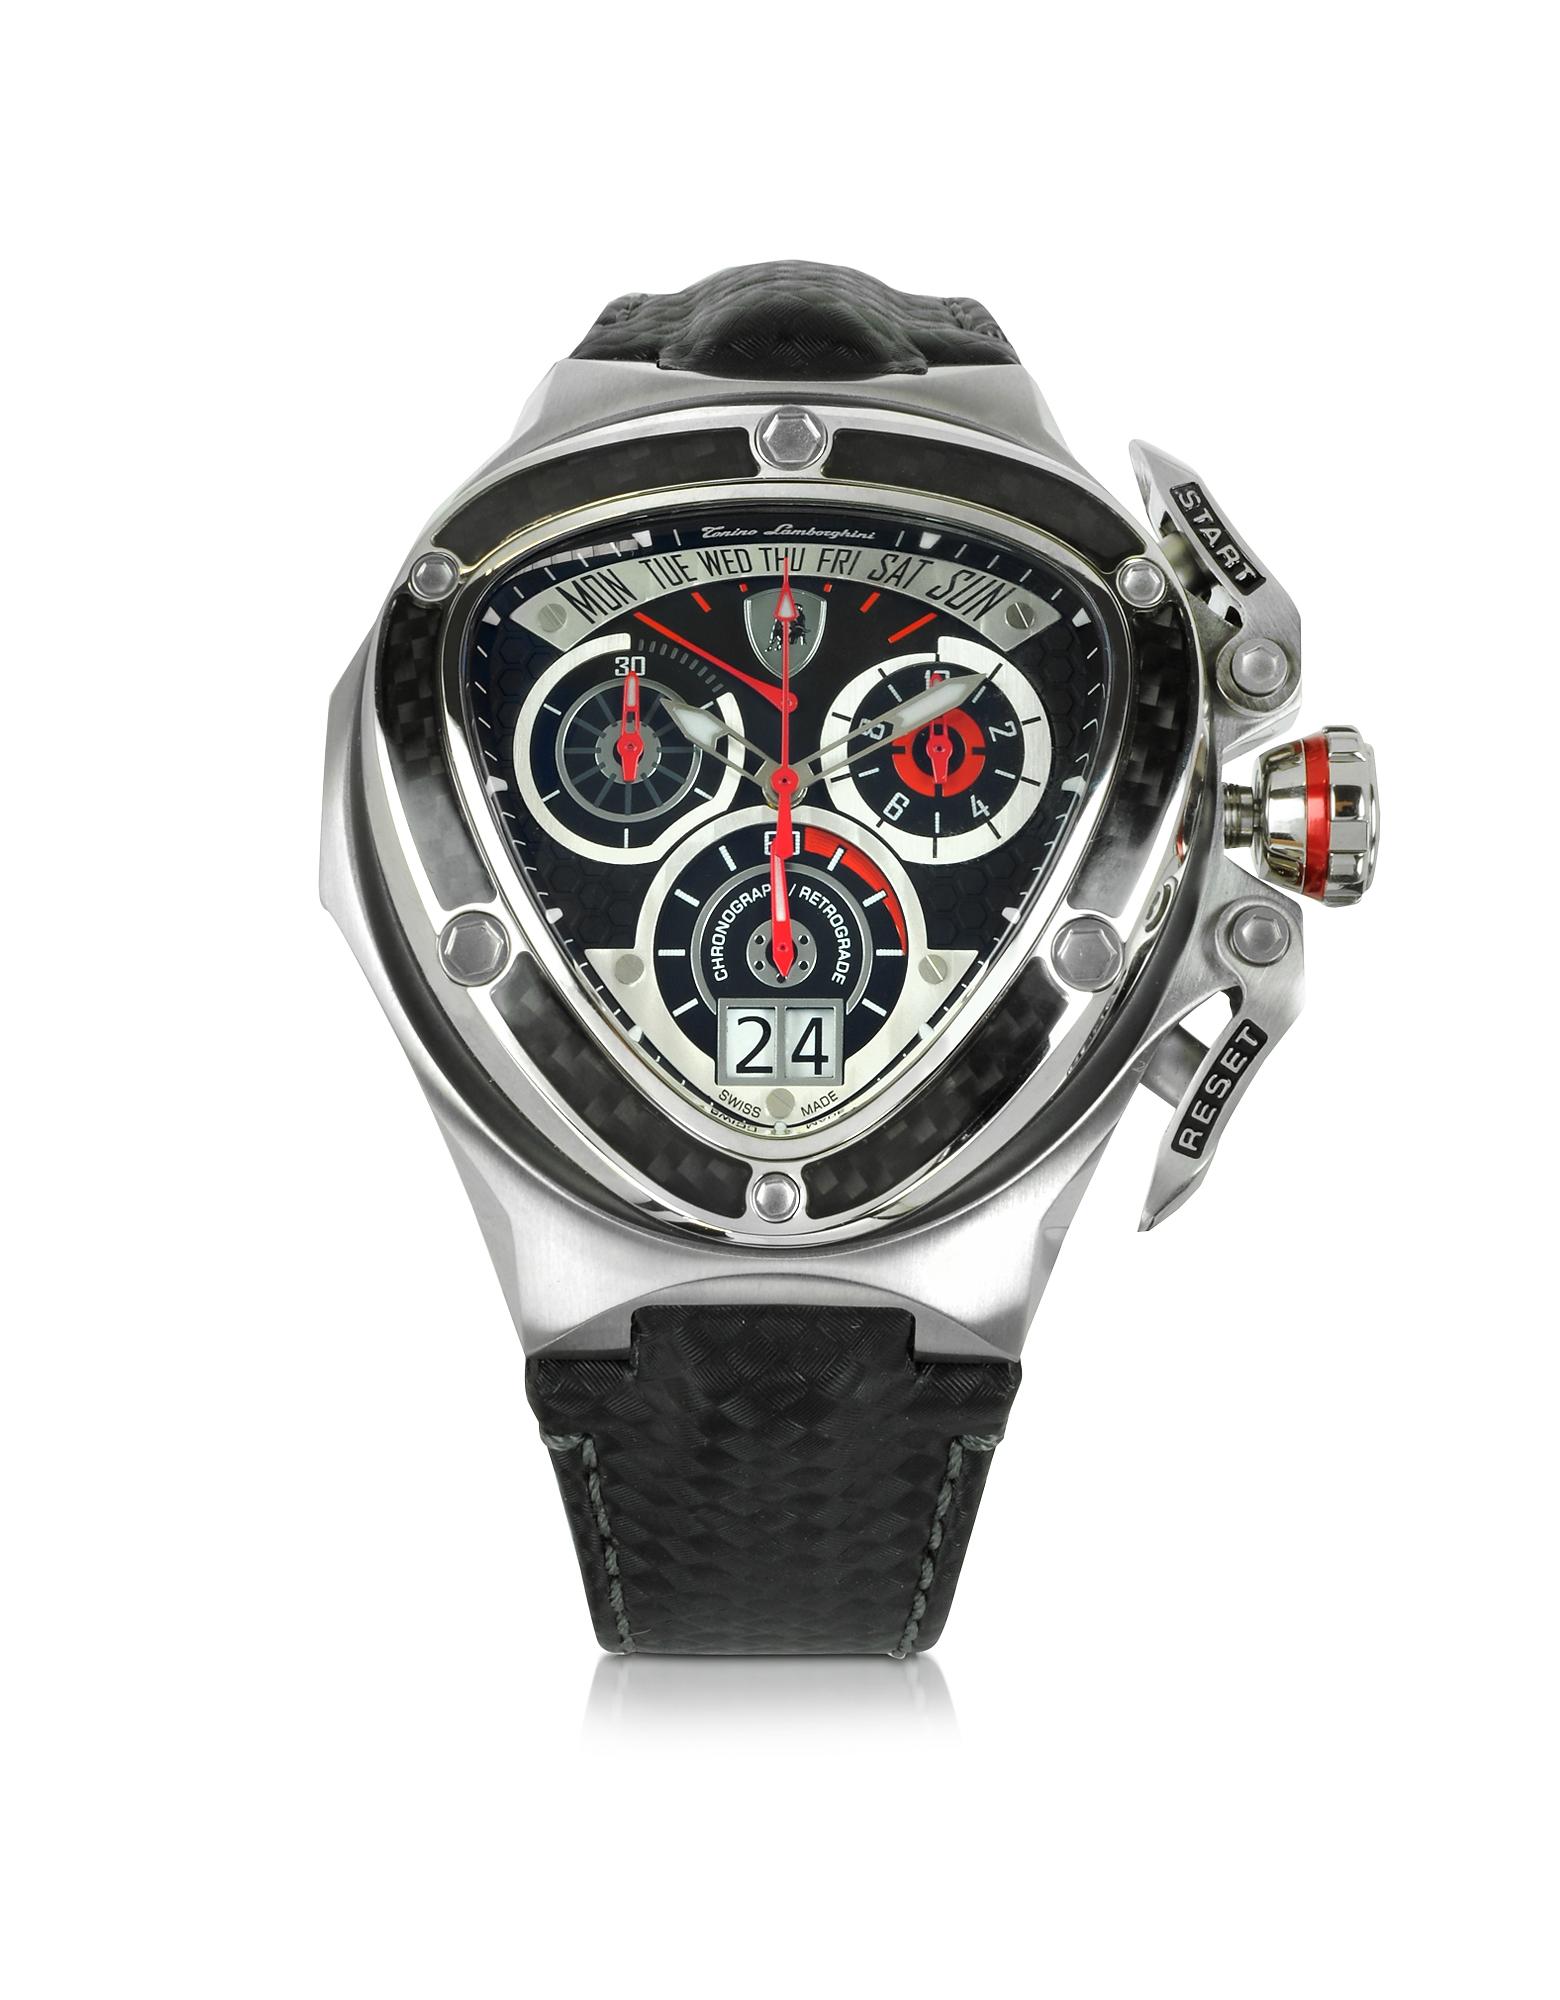 Spyder - Часы Хронограф из Красной и Серебристой Нержавеющей Стали